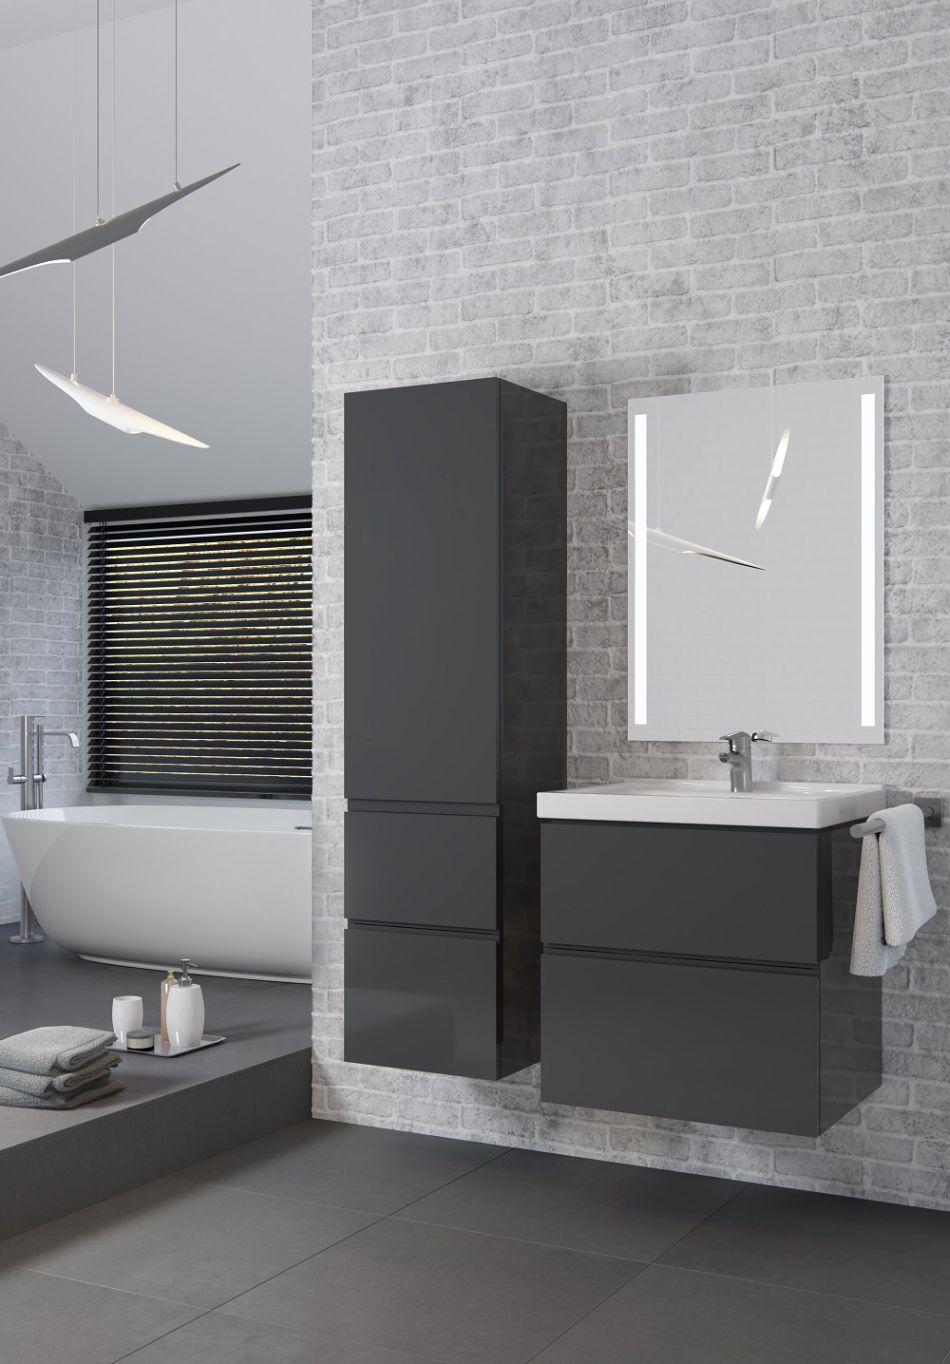 Minimalistyczna łazienka - jak dobrać meble